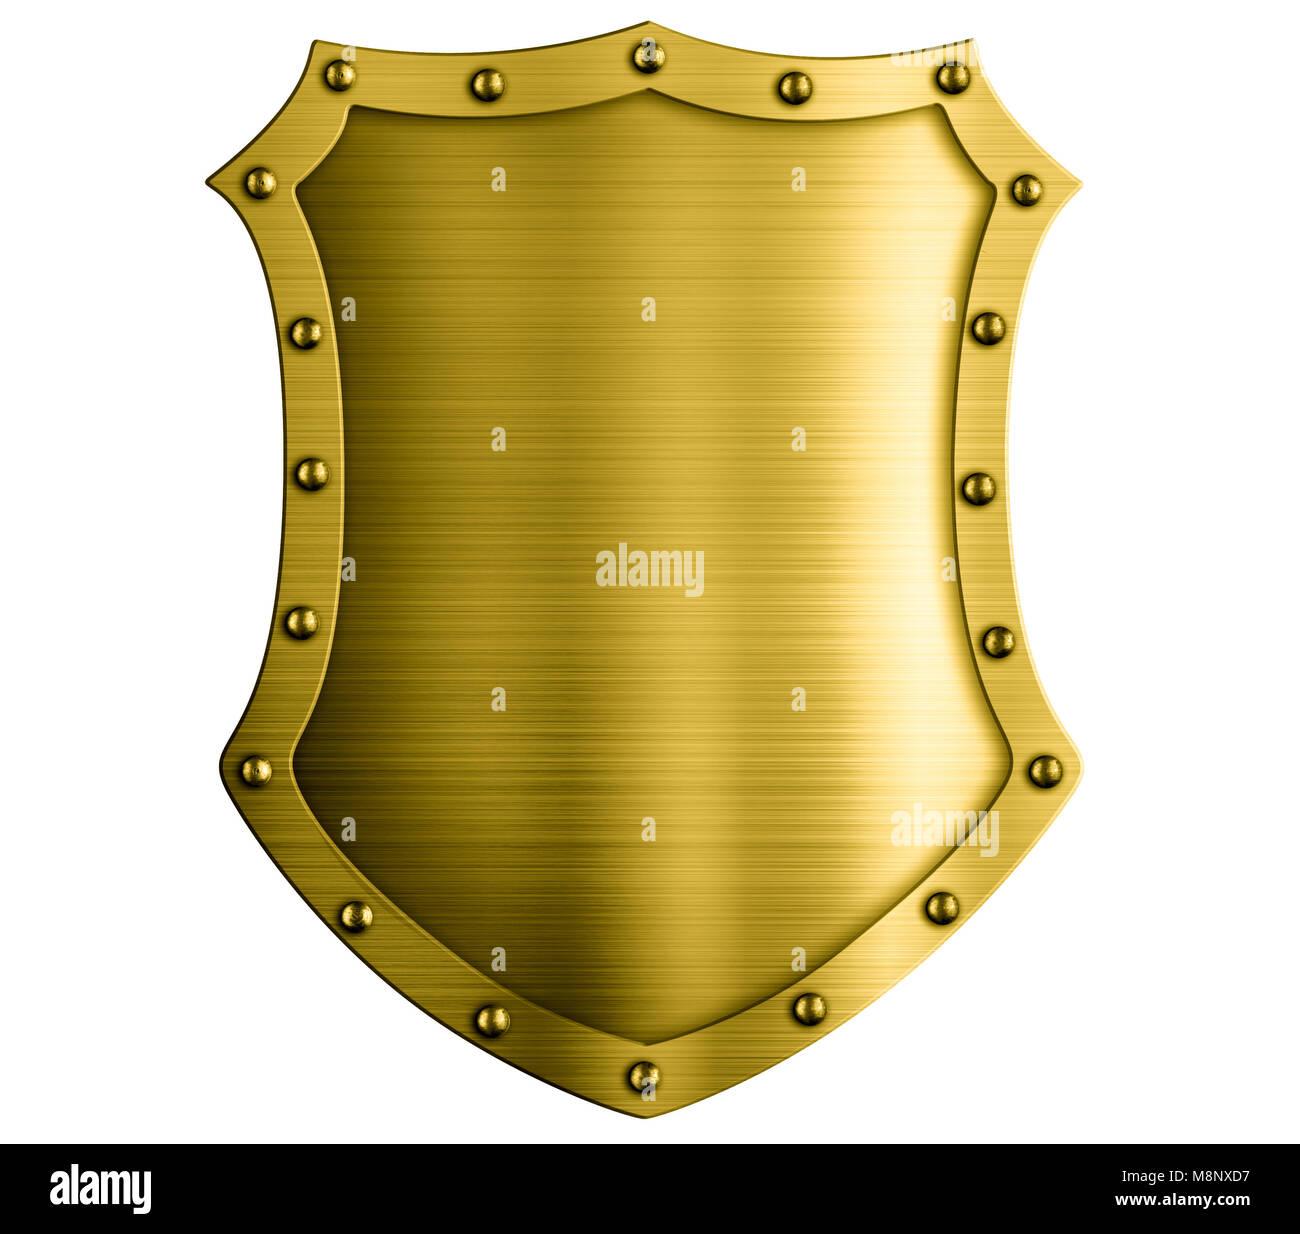 Escudo De Metal bronce medieval aislado ilustración 3d Imagen De Stock